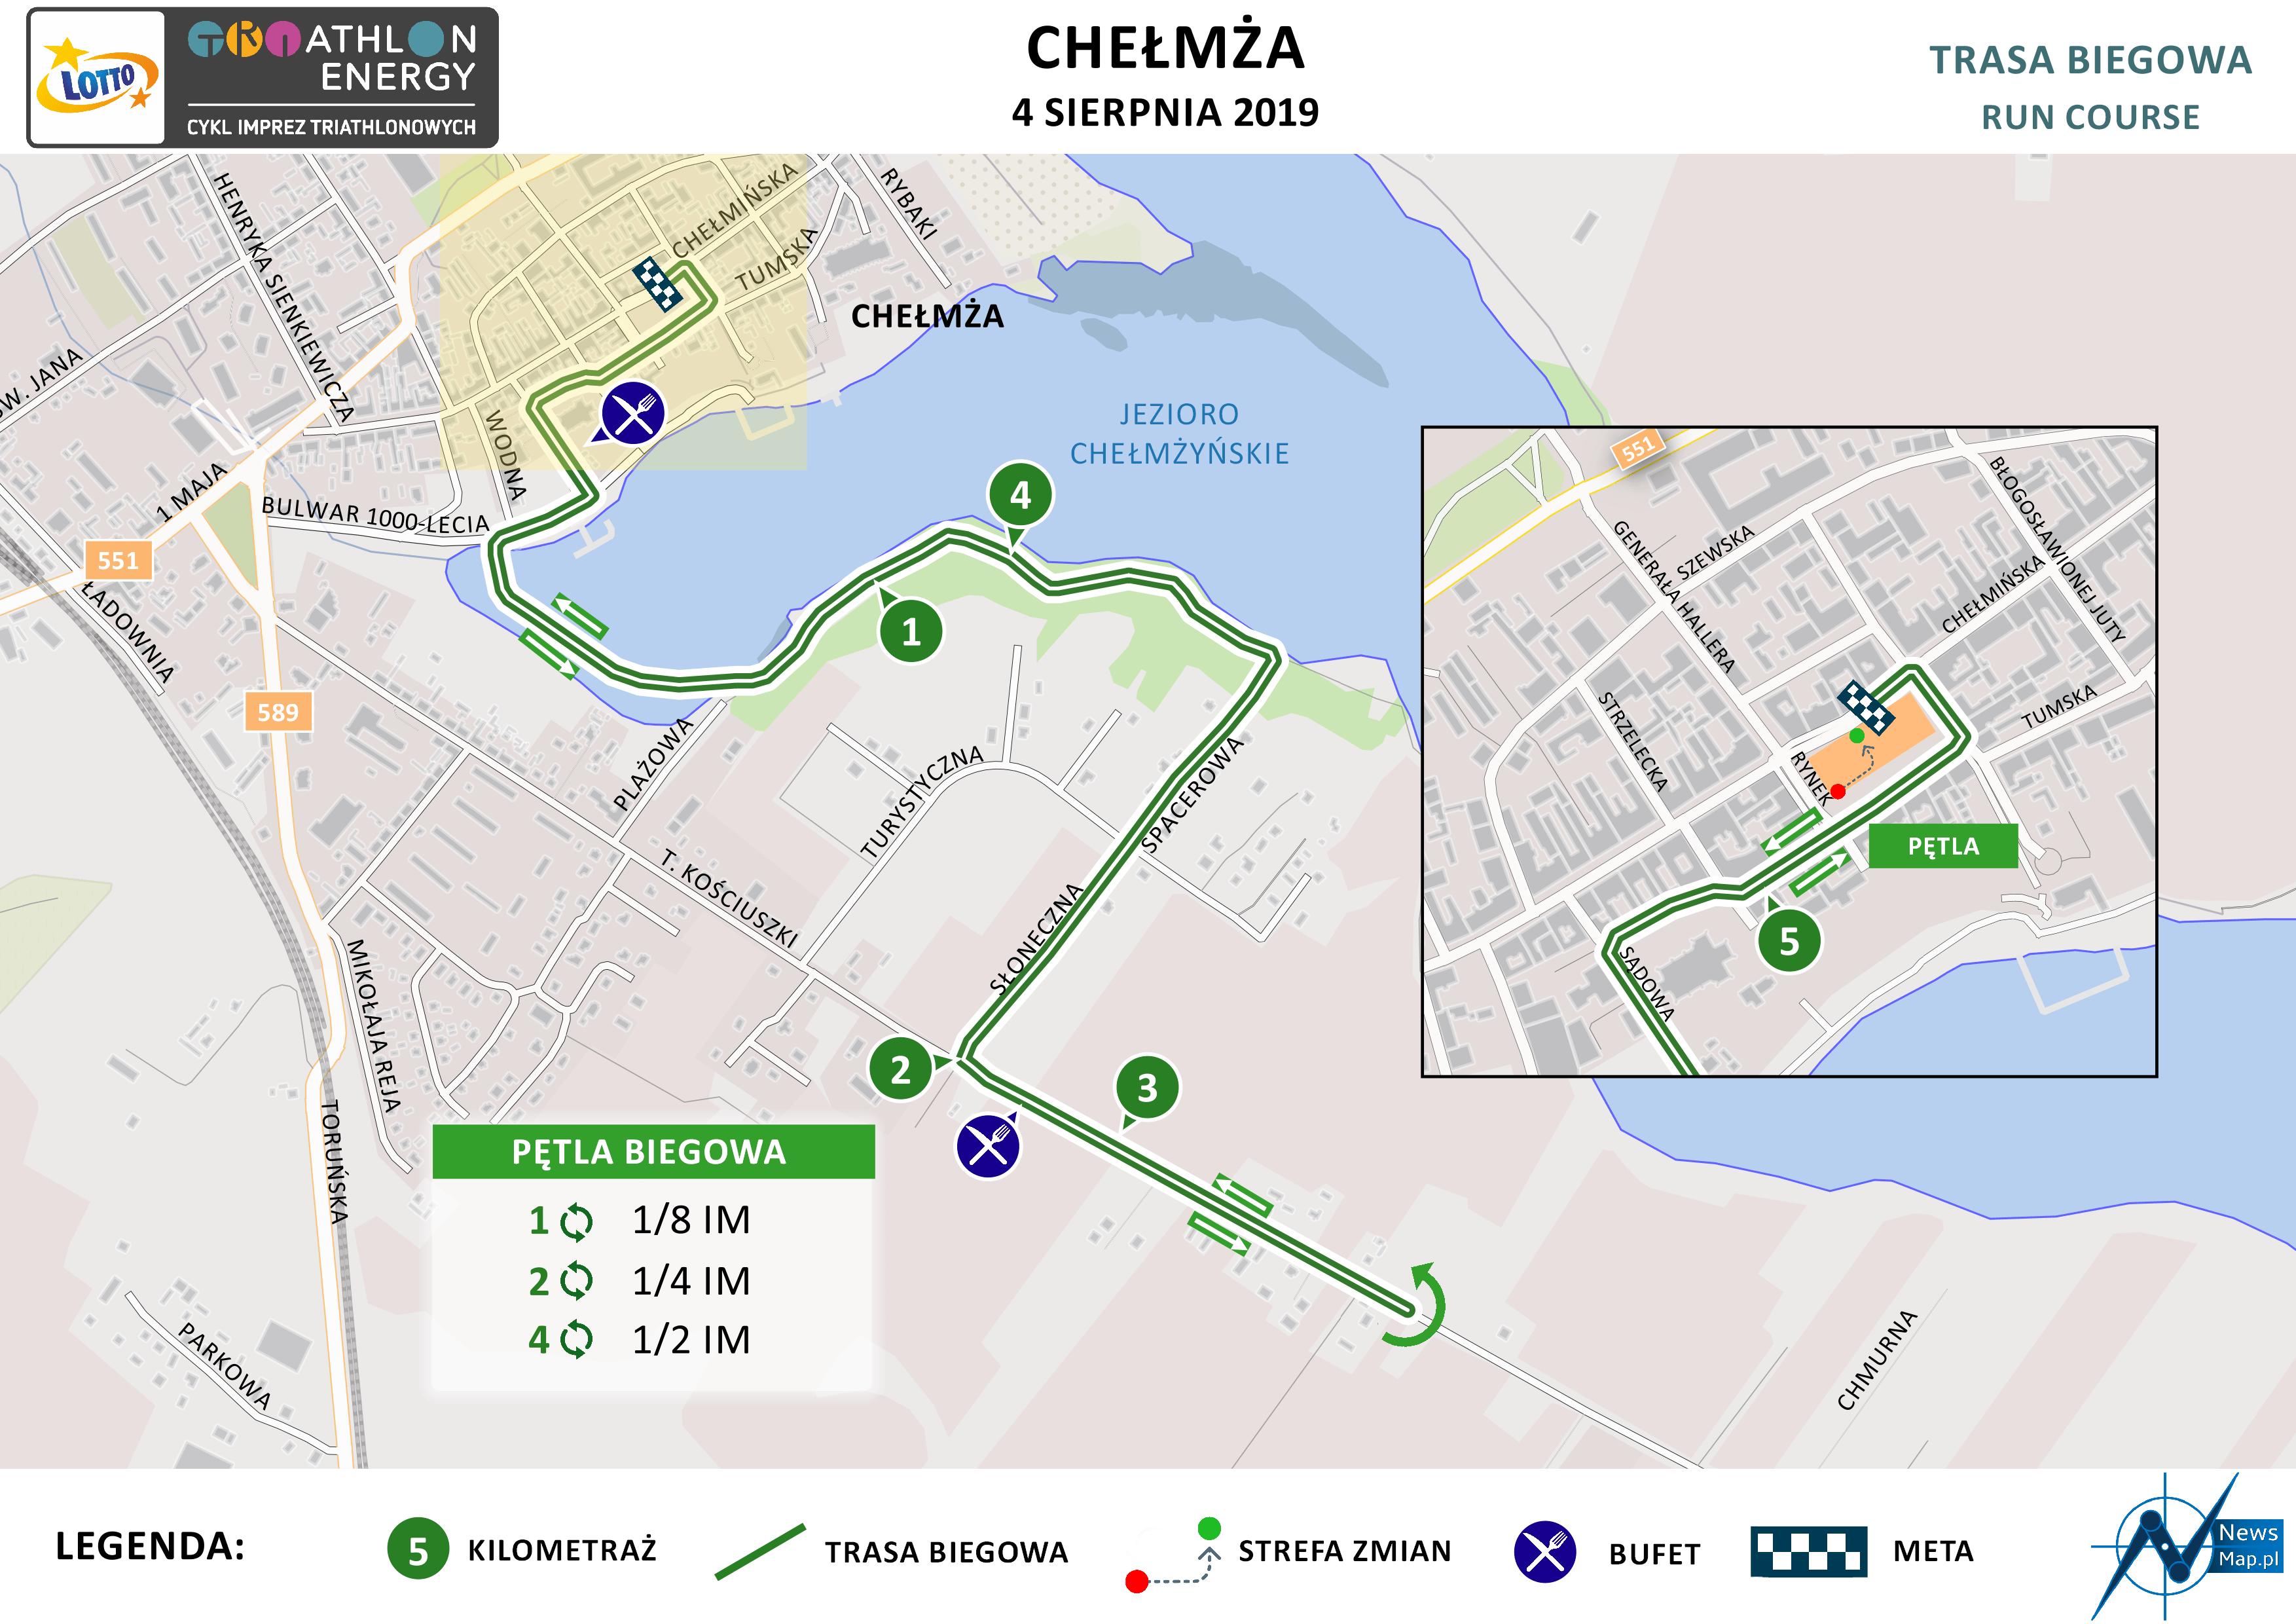 Mapa statyczna Chełmża Energy Triathlon 2019 - bieg